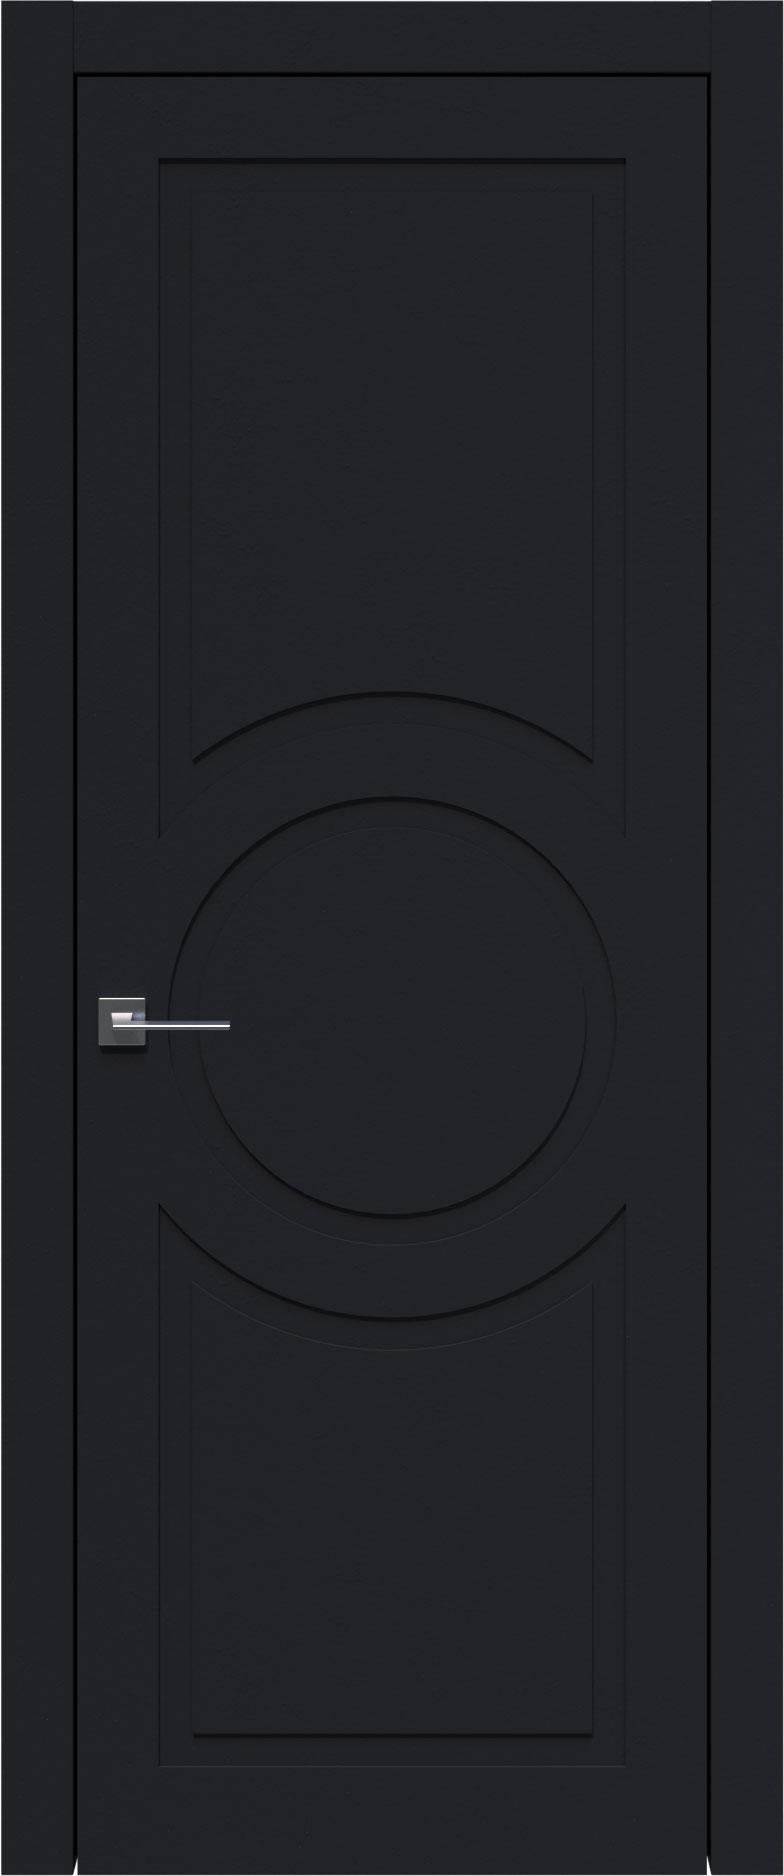 Tivoli М-5 цвет - Черная эмаль (RAL 9004) Без стекла (ДГ)